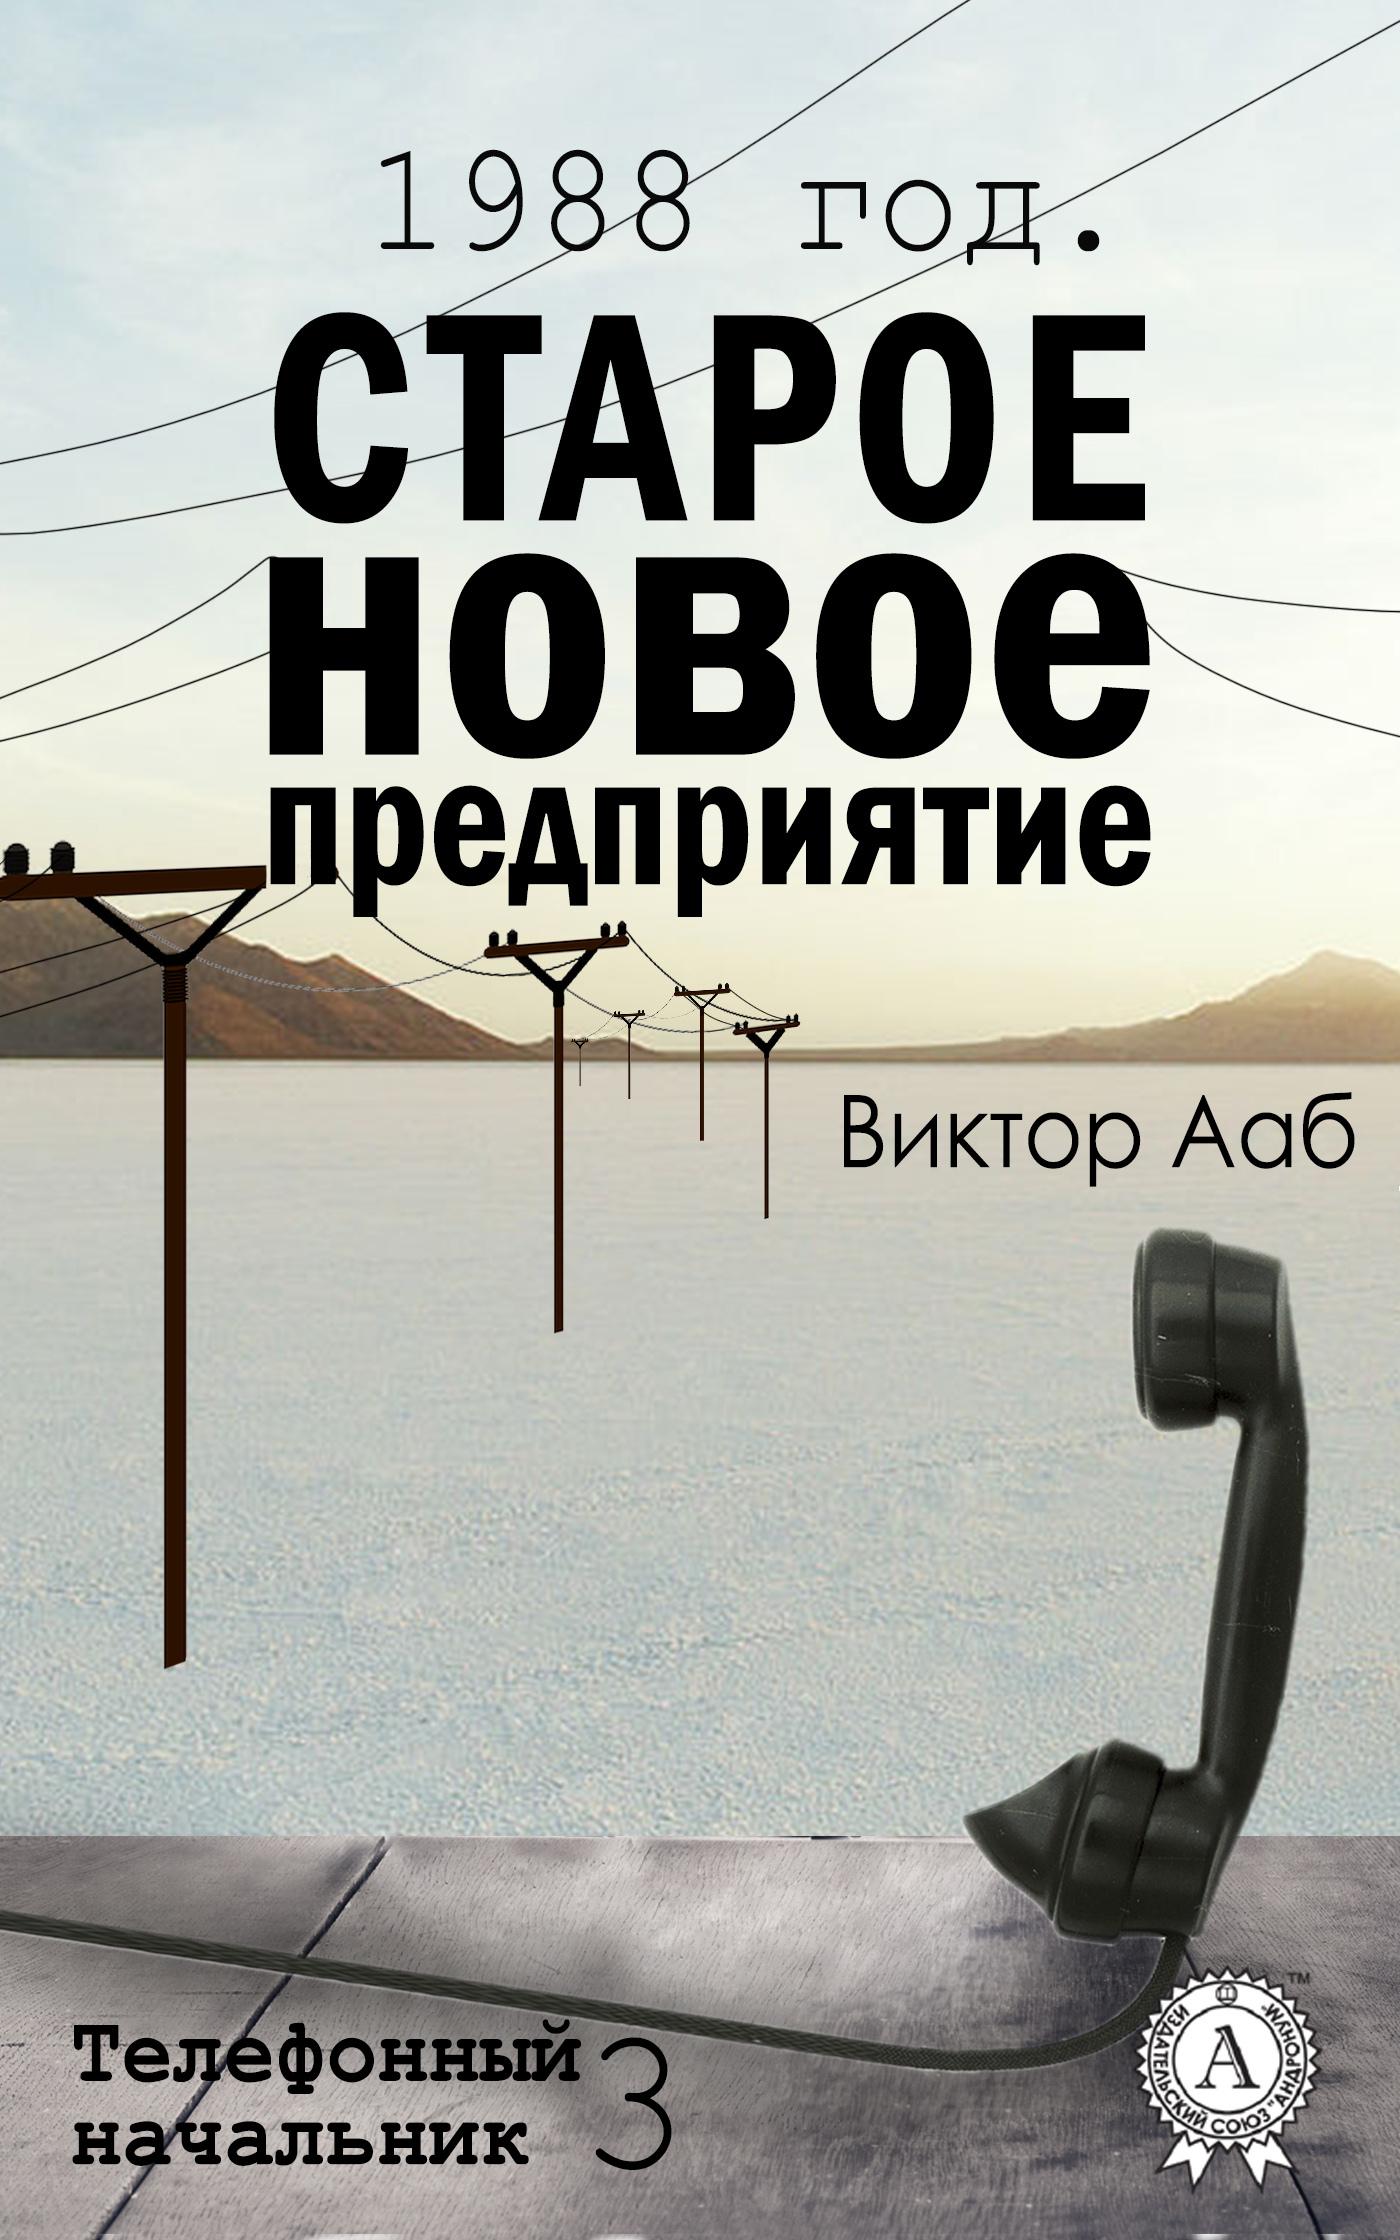 Виктор Ааб - 1988 год. Старое новое предприятие